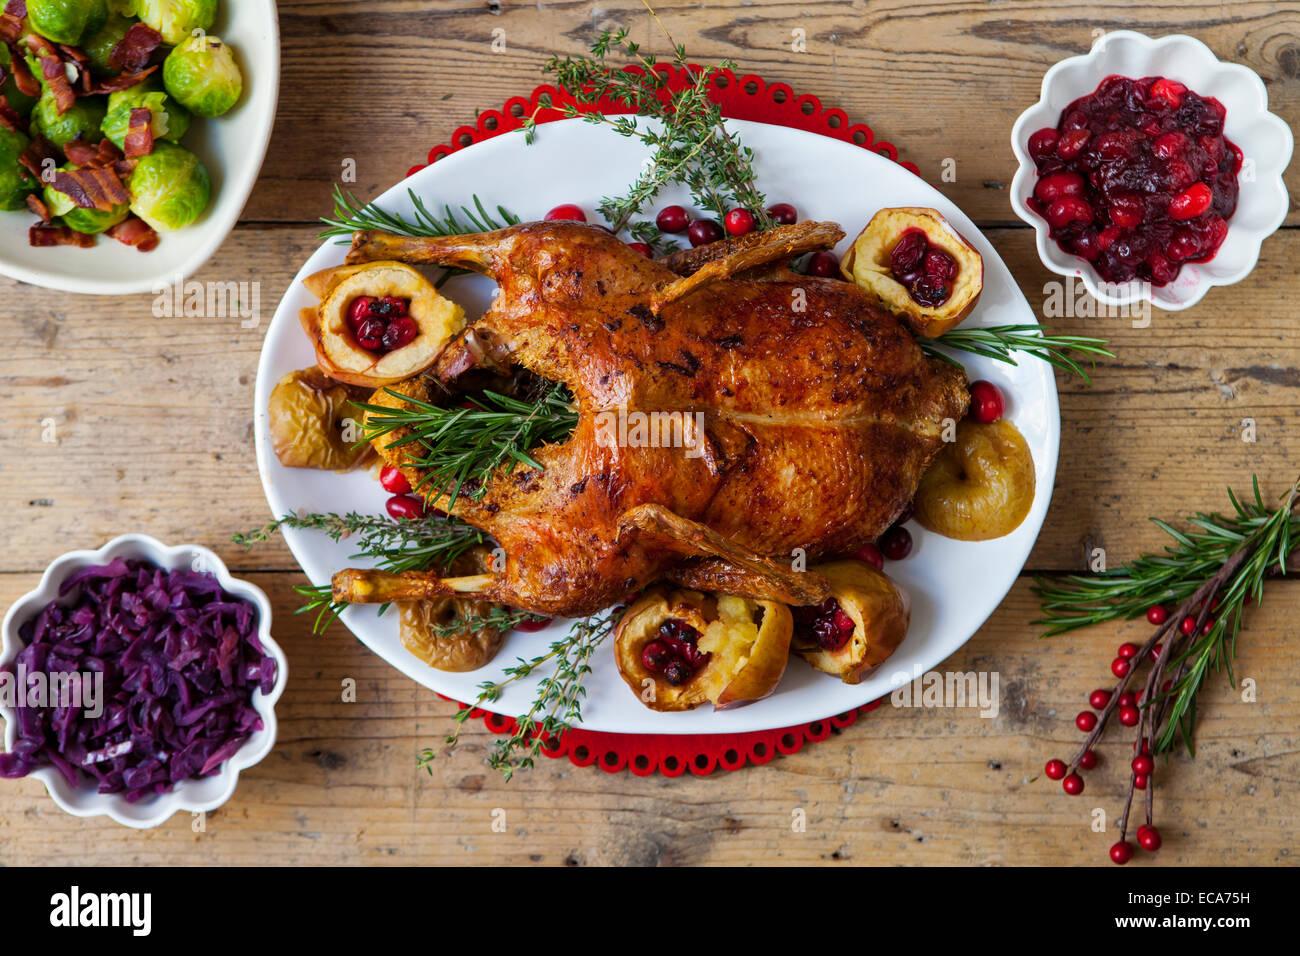 Festliche gebratene Ente mit Äpfeln und Preiselbeeren Stockbild